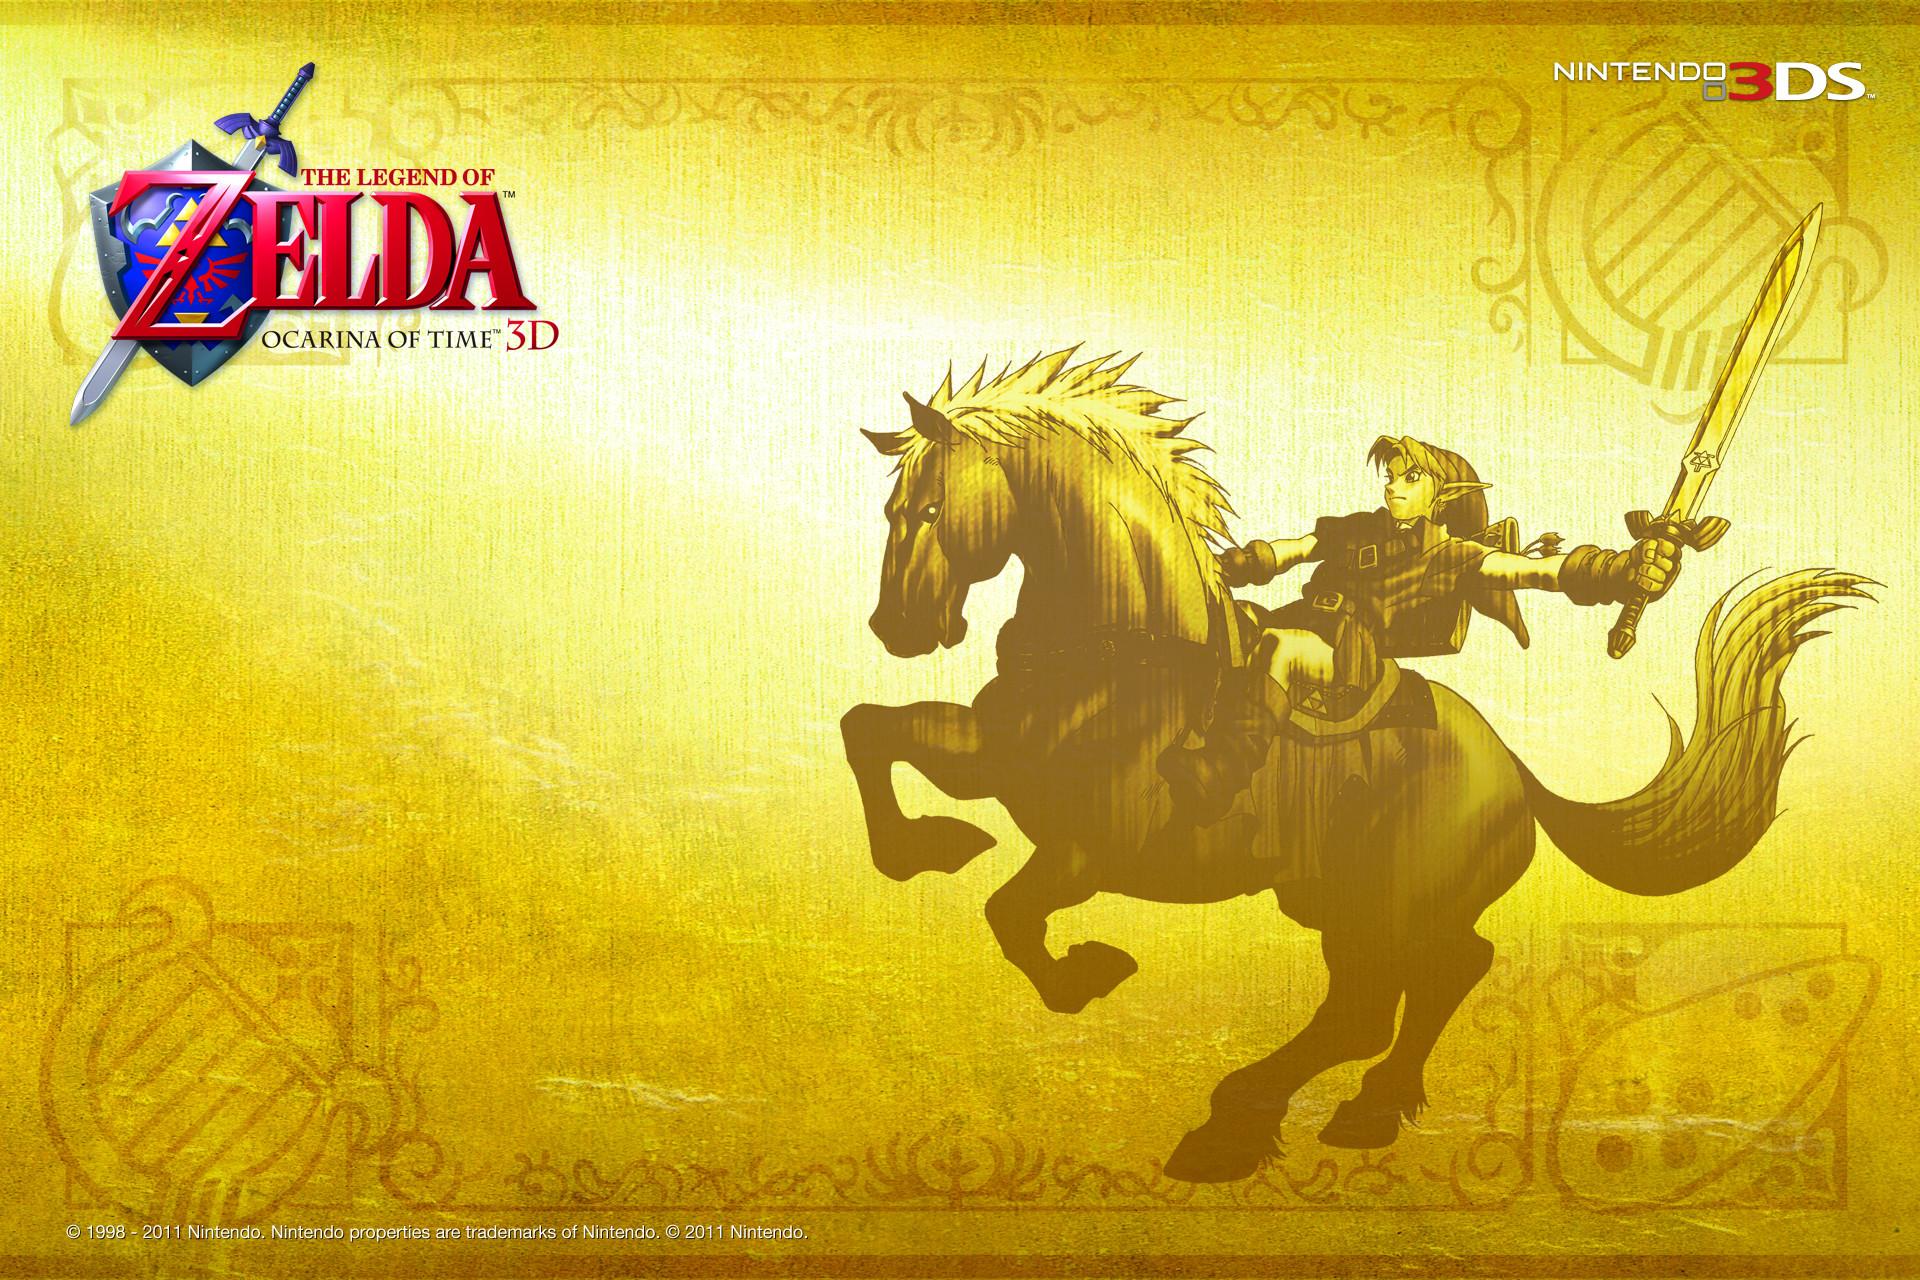 artwork the legend of zelda the legend of zelda ocarina of time